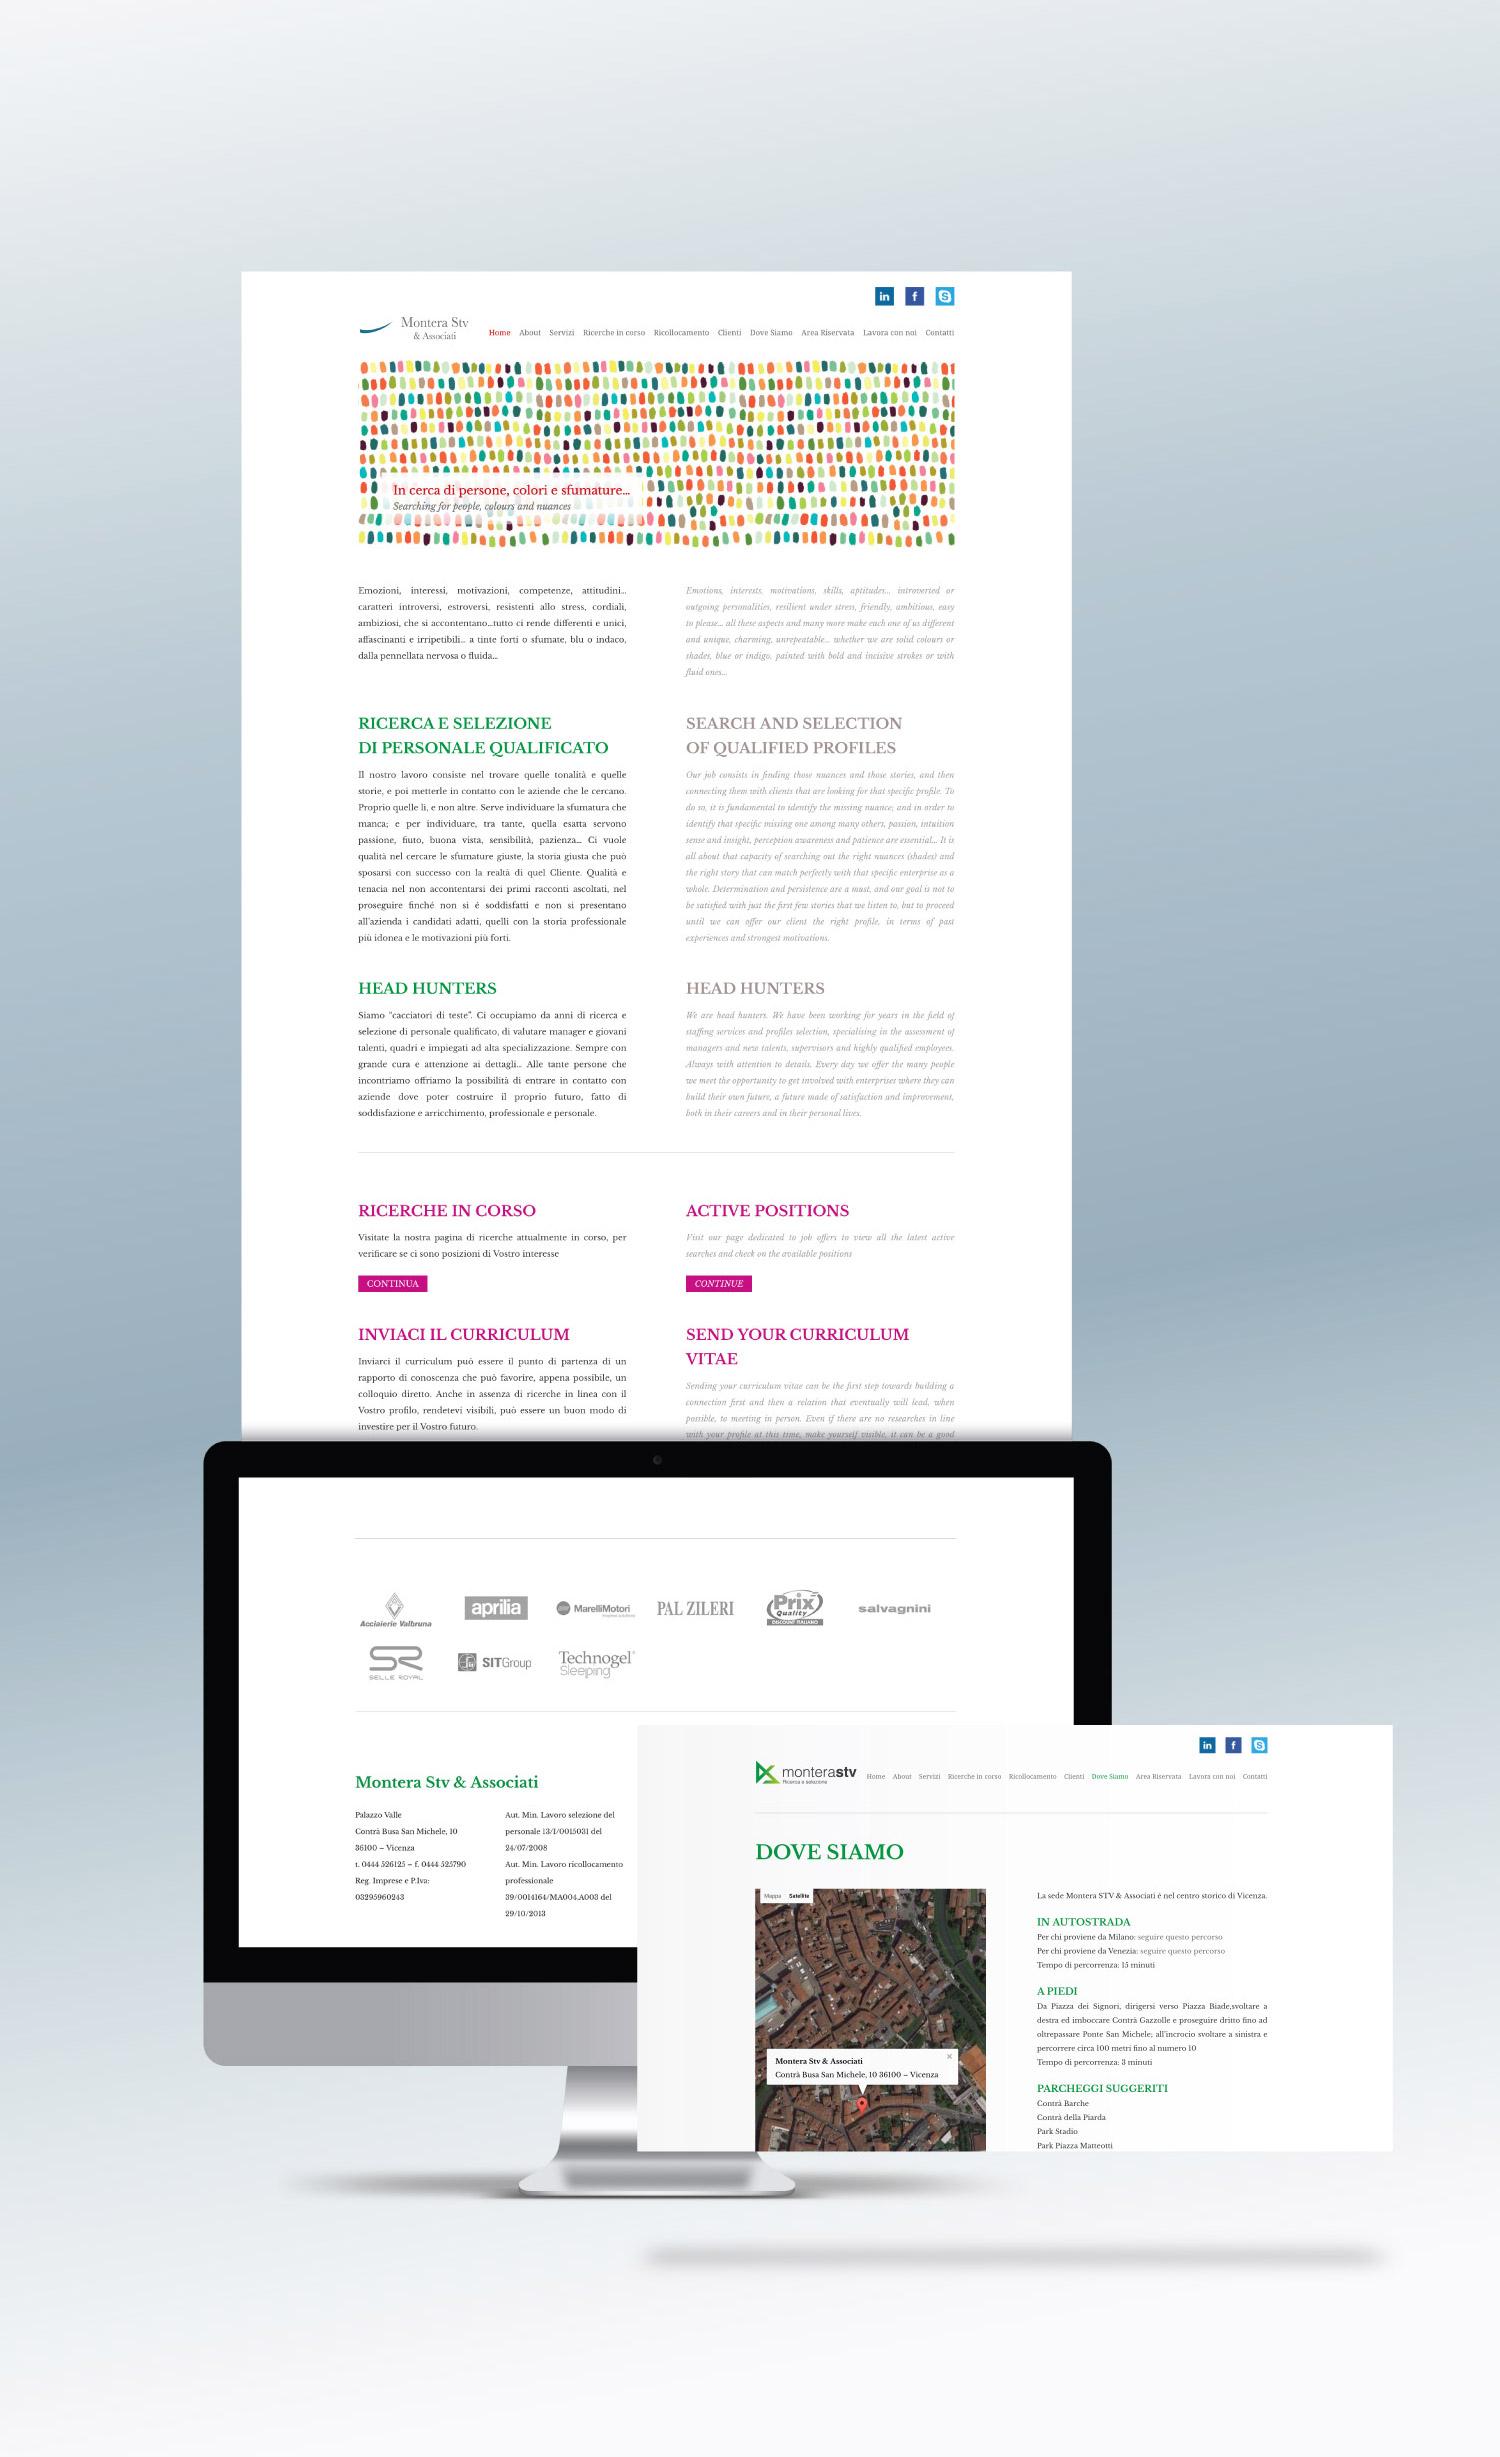 04_creazione_siti_web_responsive_padova_consulenza